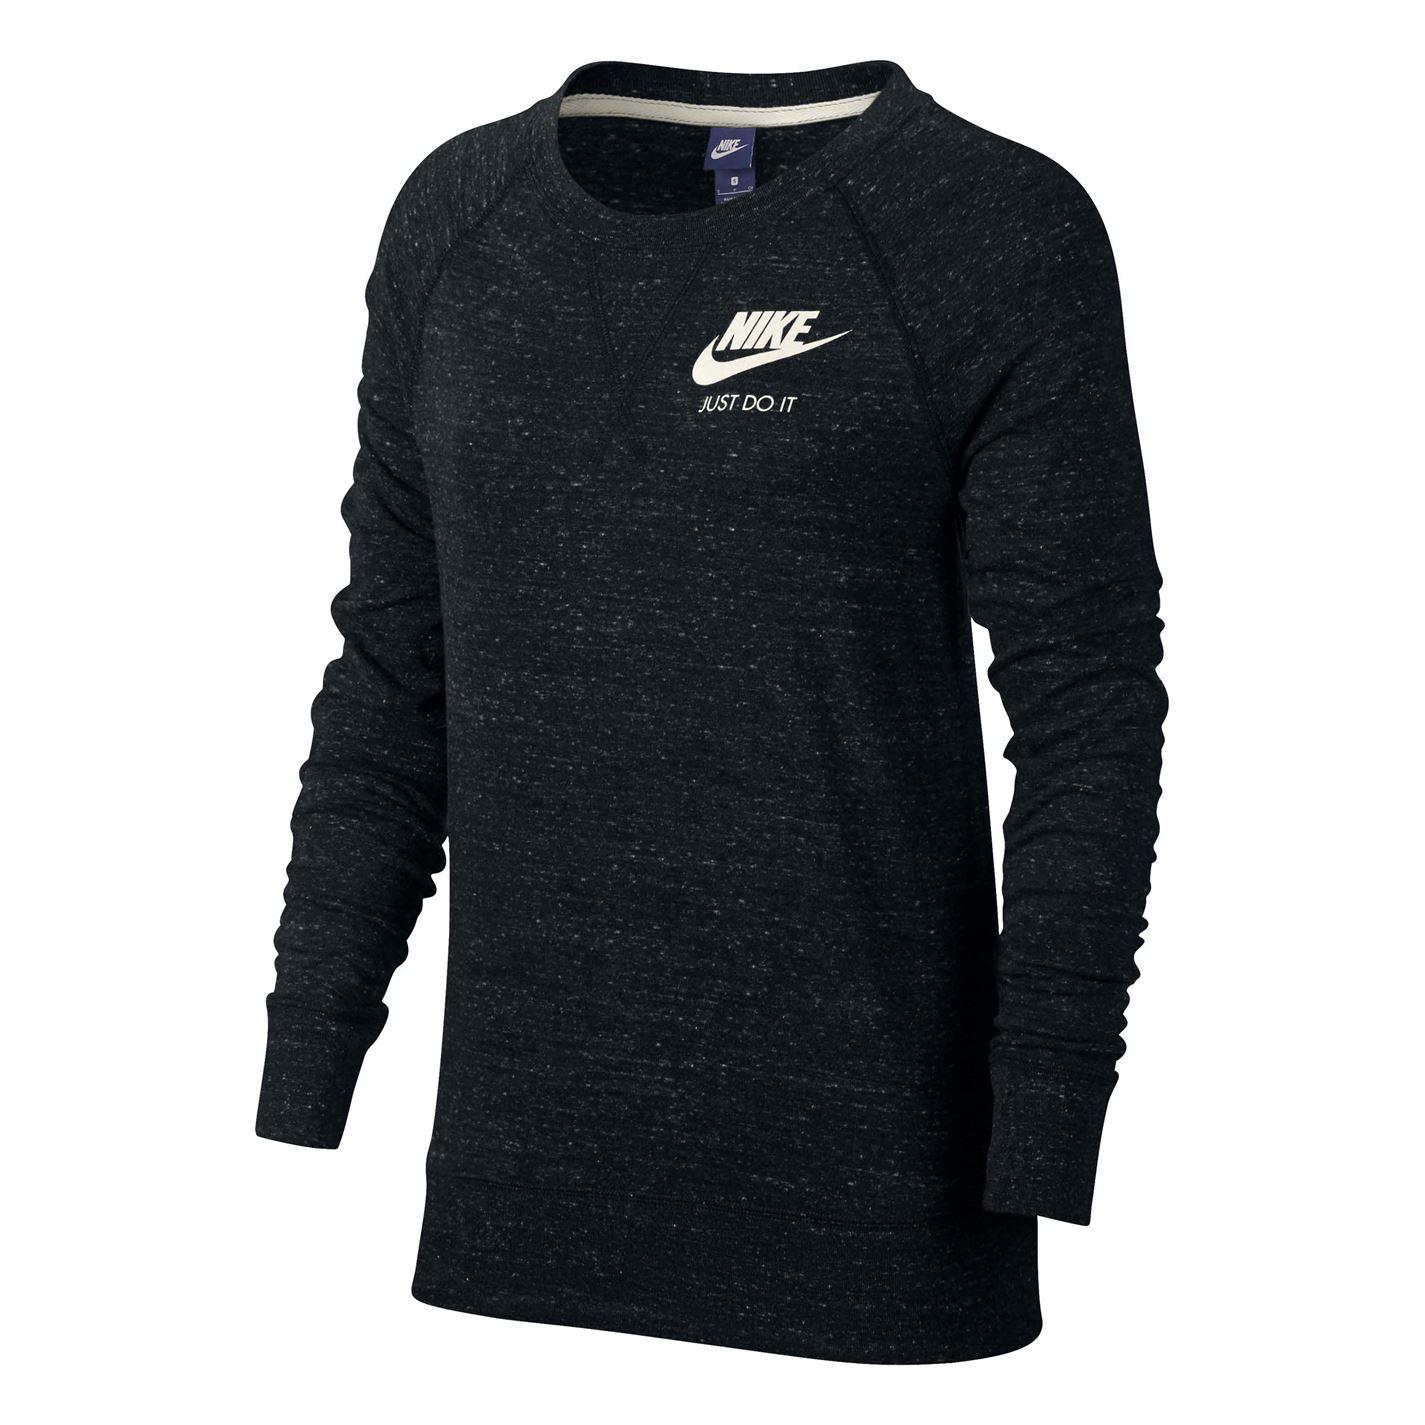 Nike Sportswear Gym Vintage Crew Sweatshirt Ladies